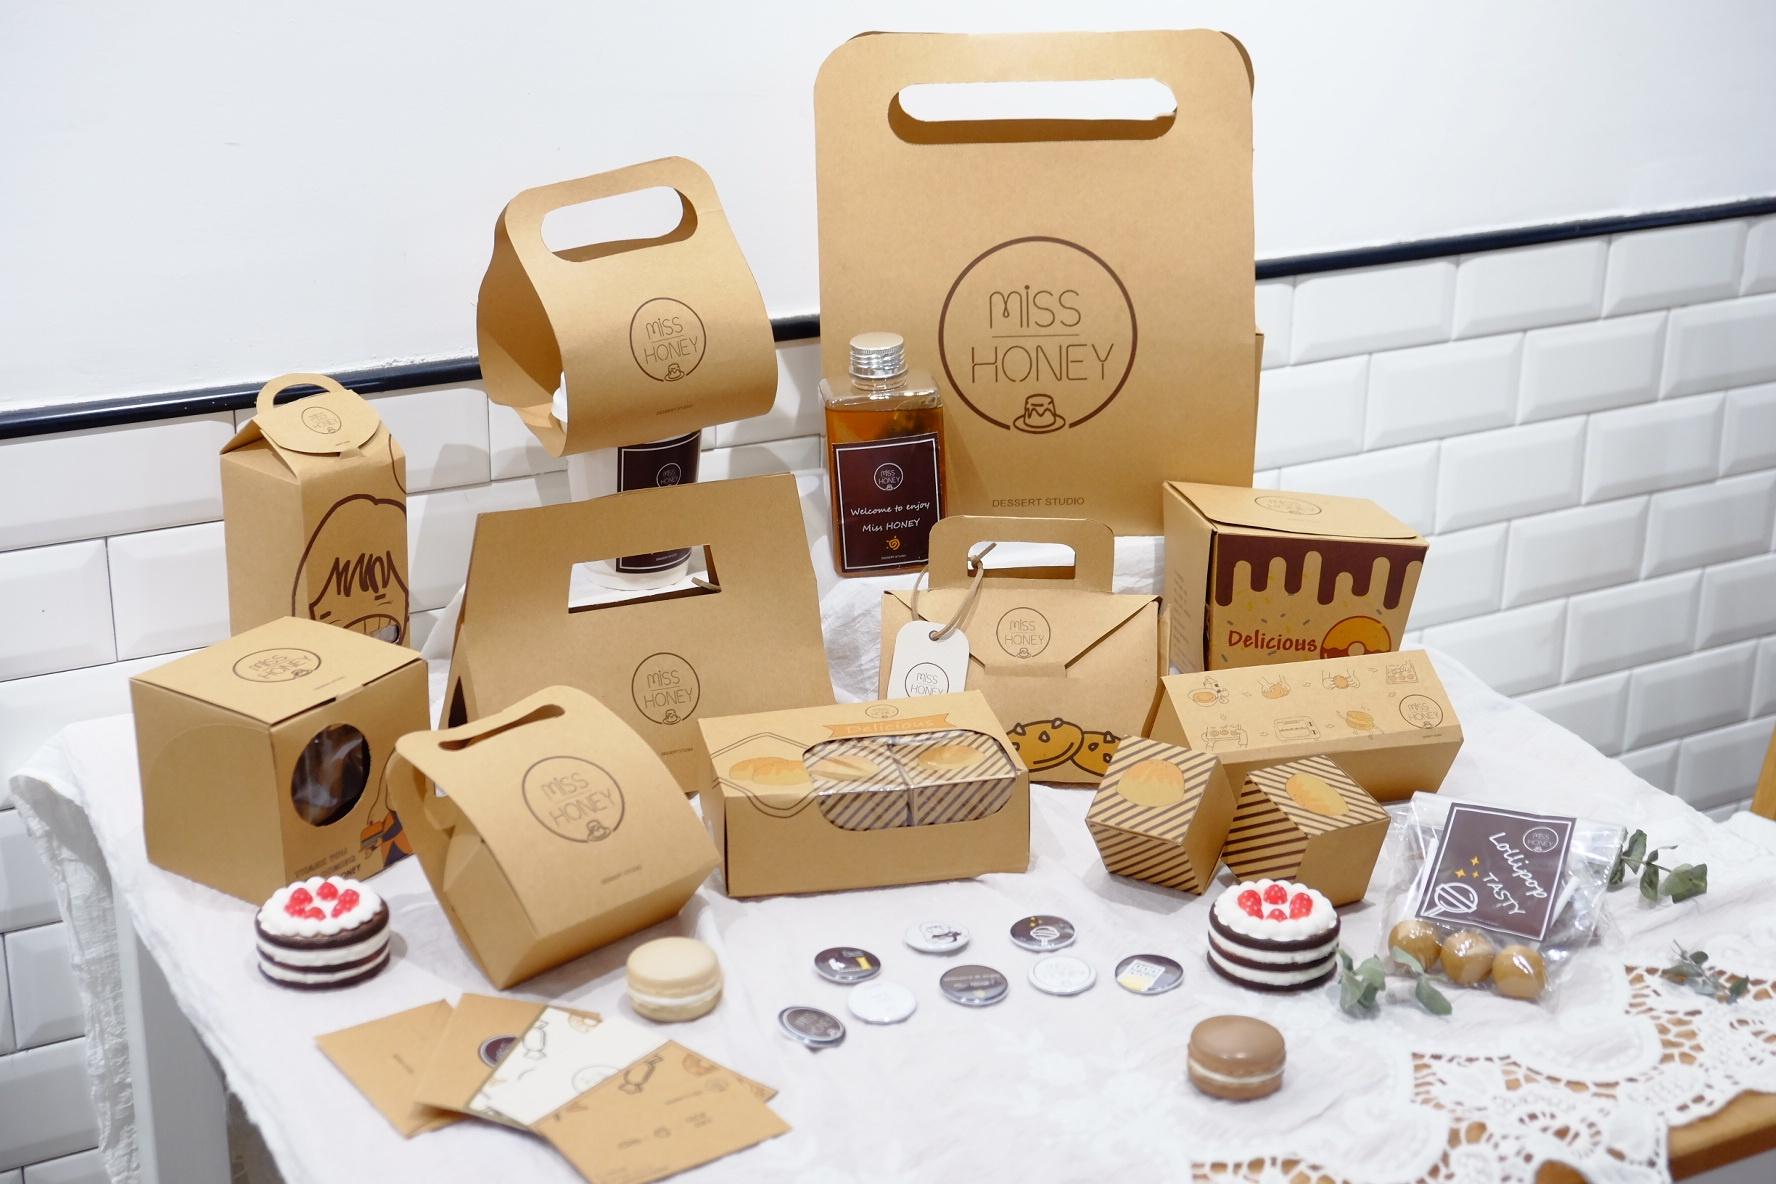 《miss honey》自创品牌|甜品包装设计图片